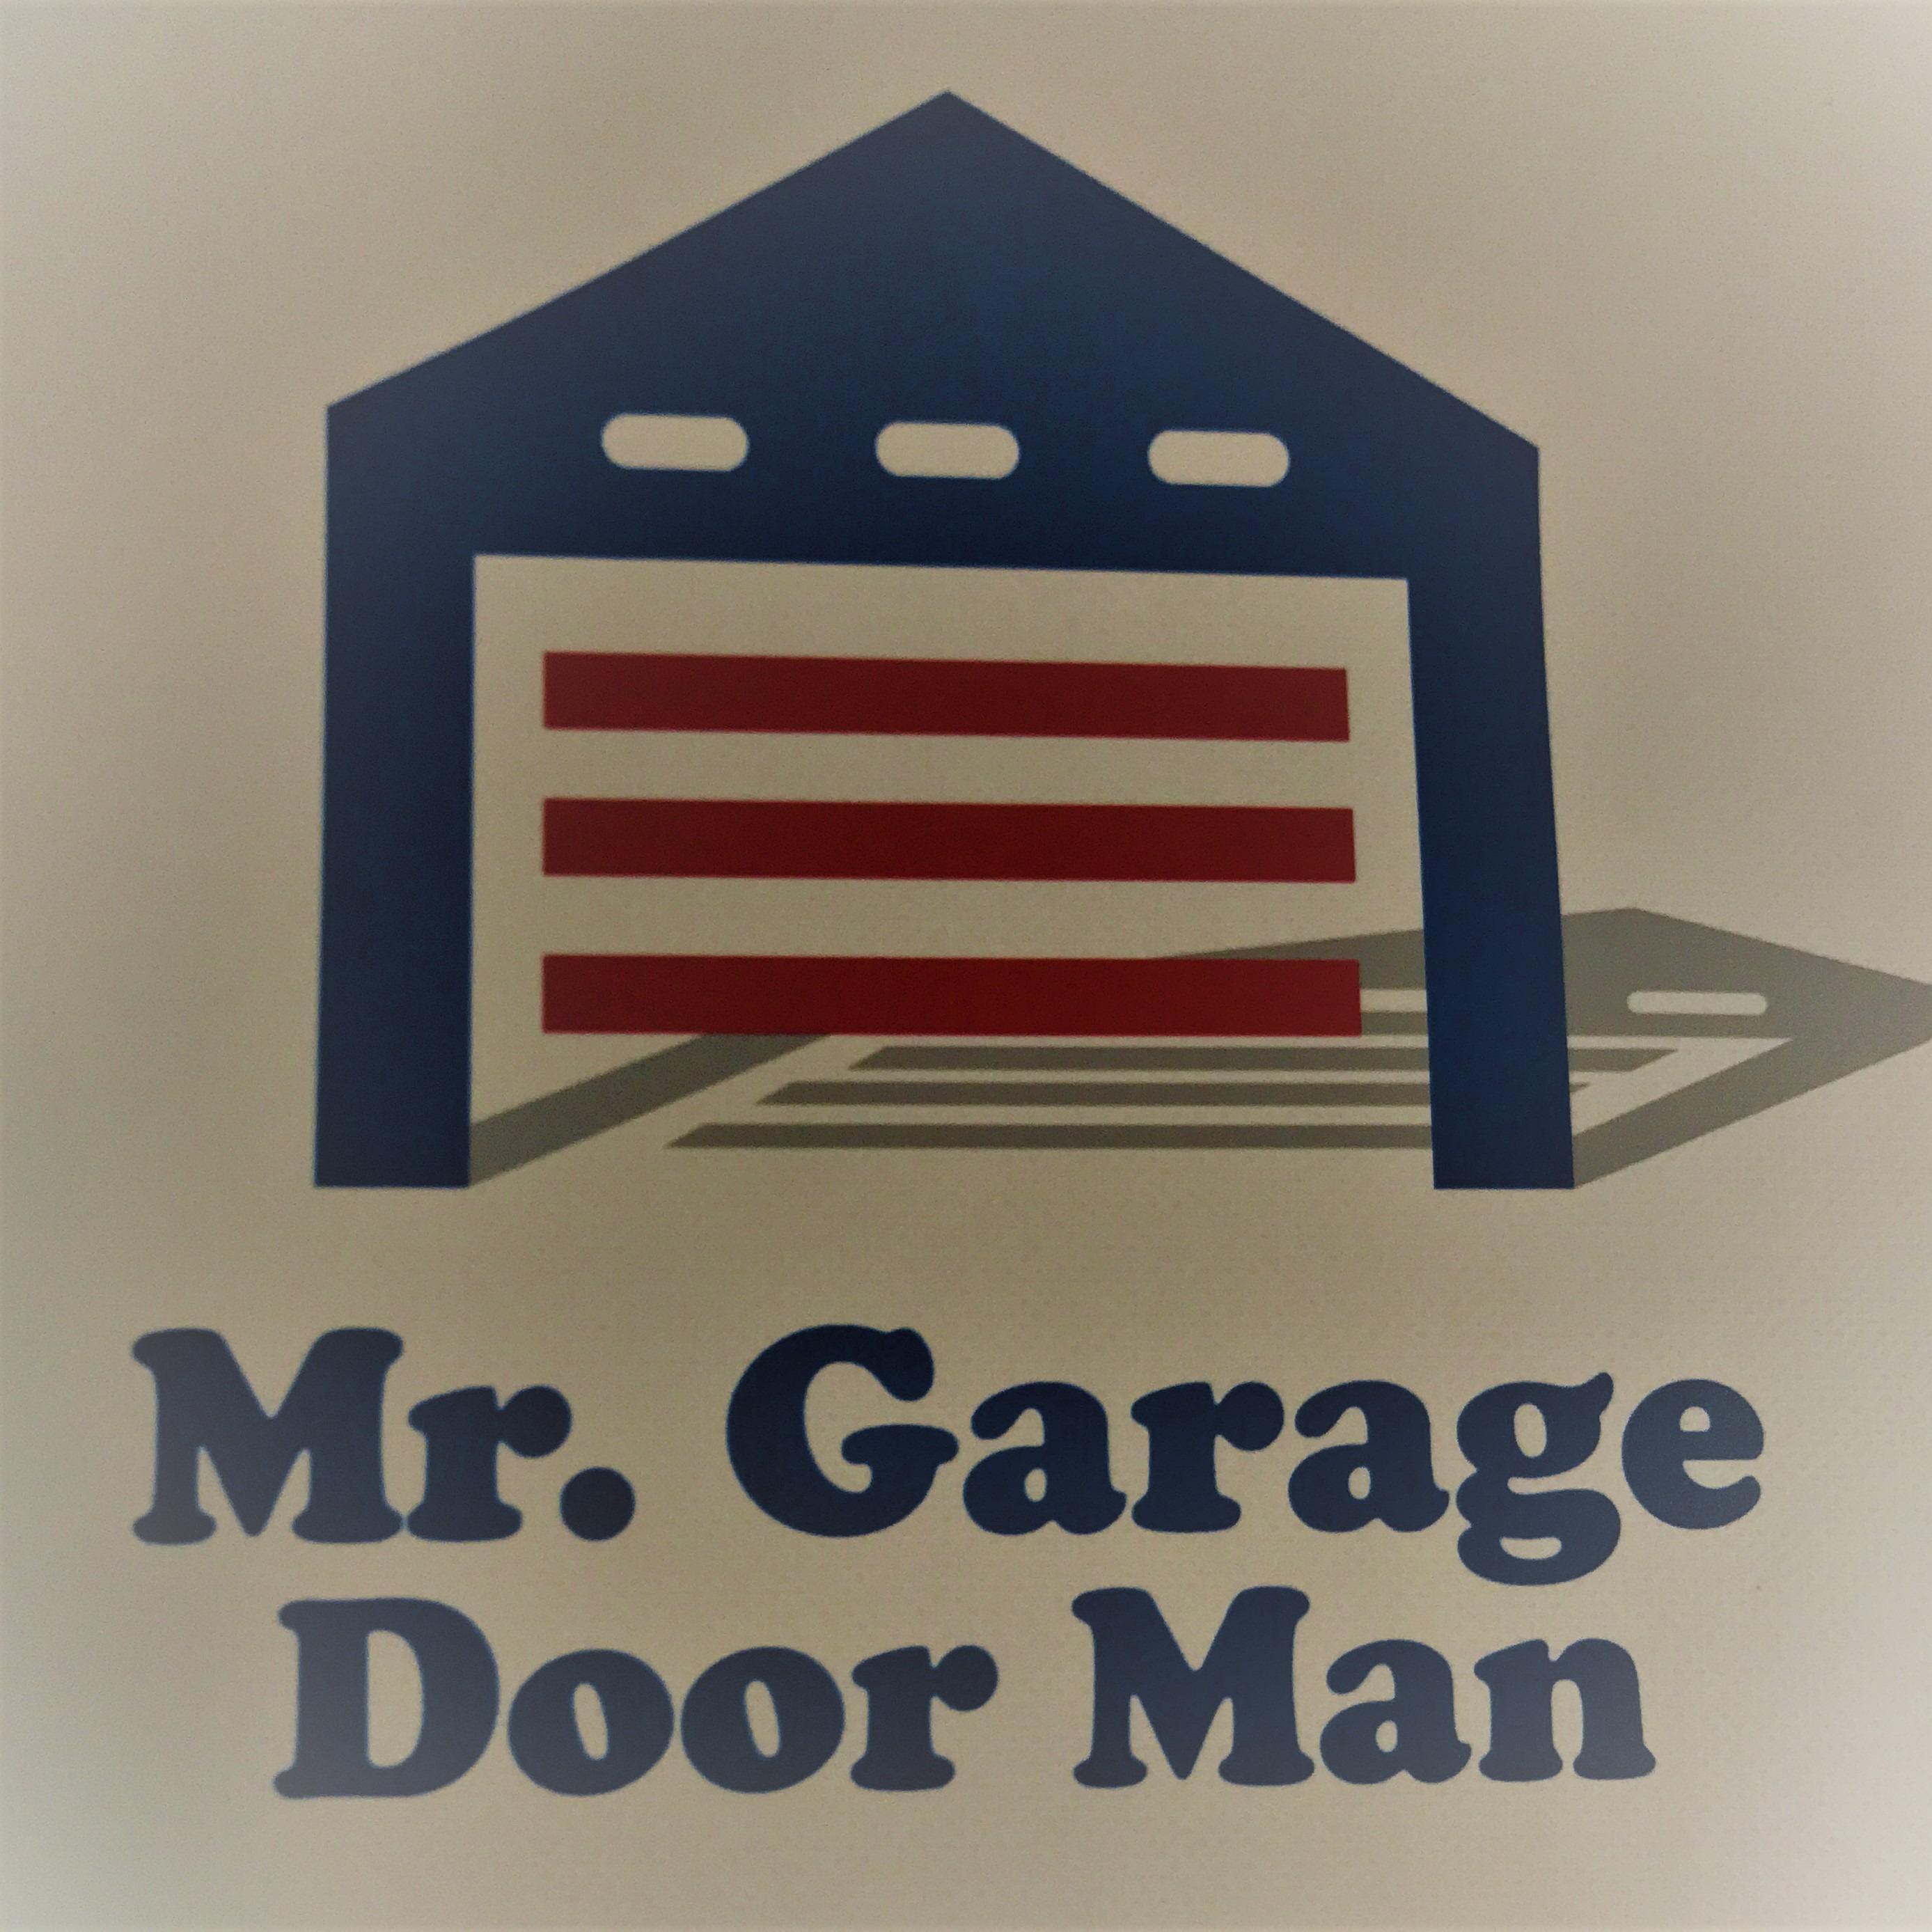 Mr Garage Door Man Chesapeake Va Mrgaragedoorman 757 297 0947